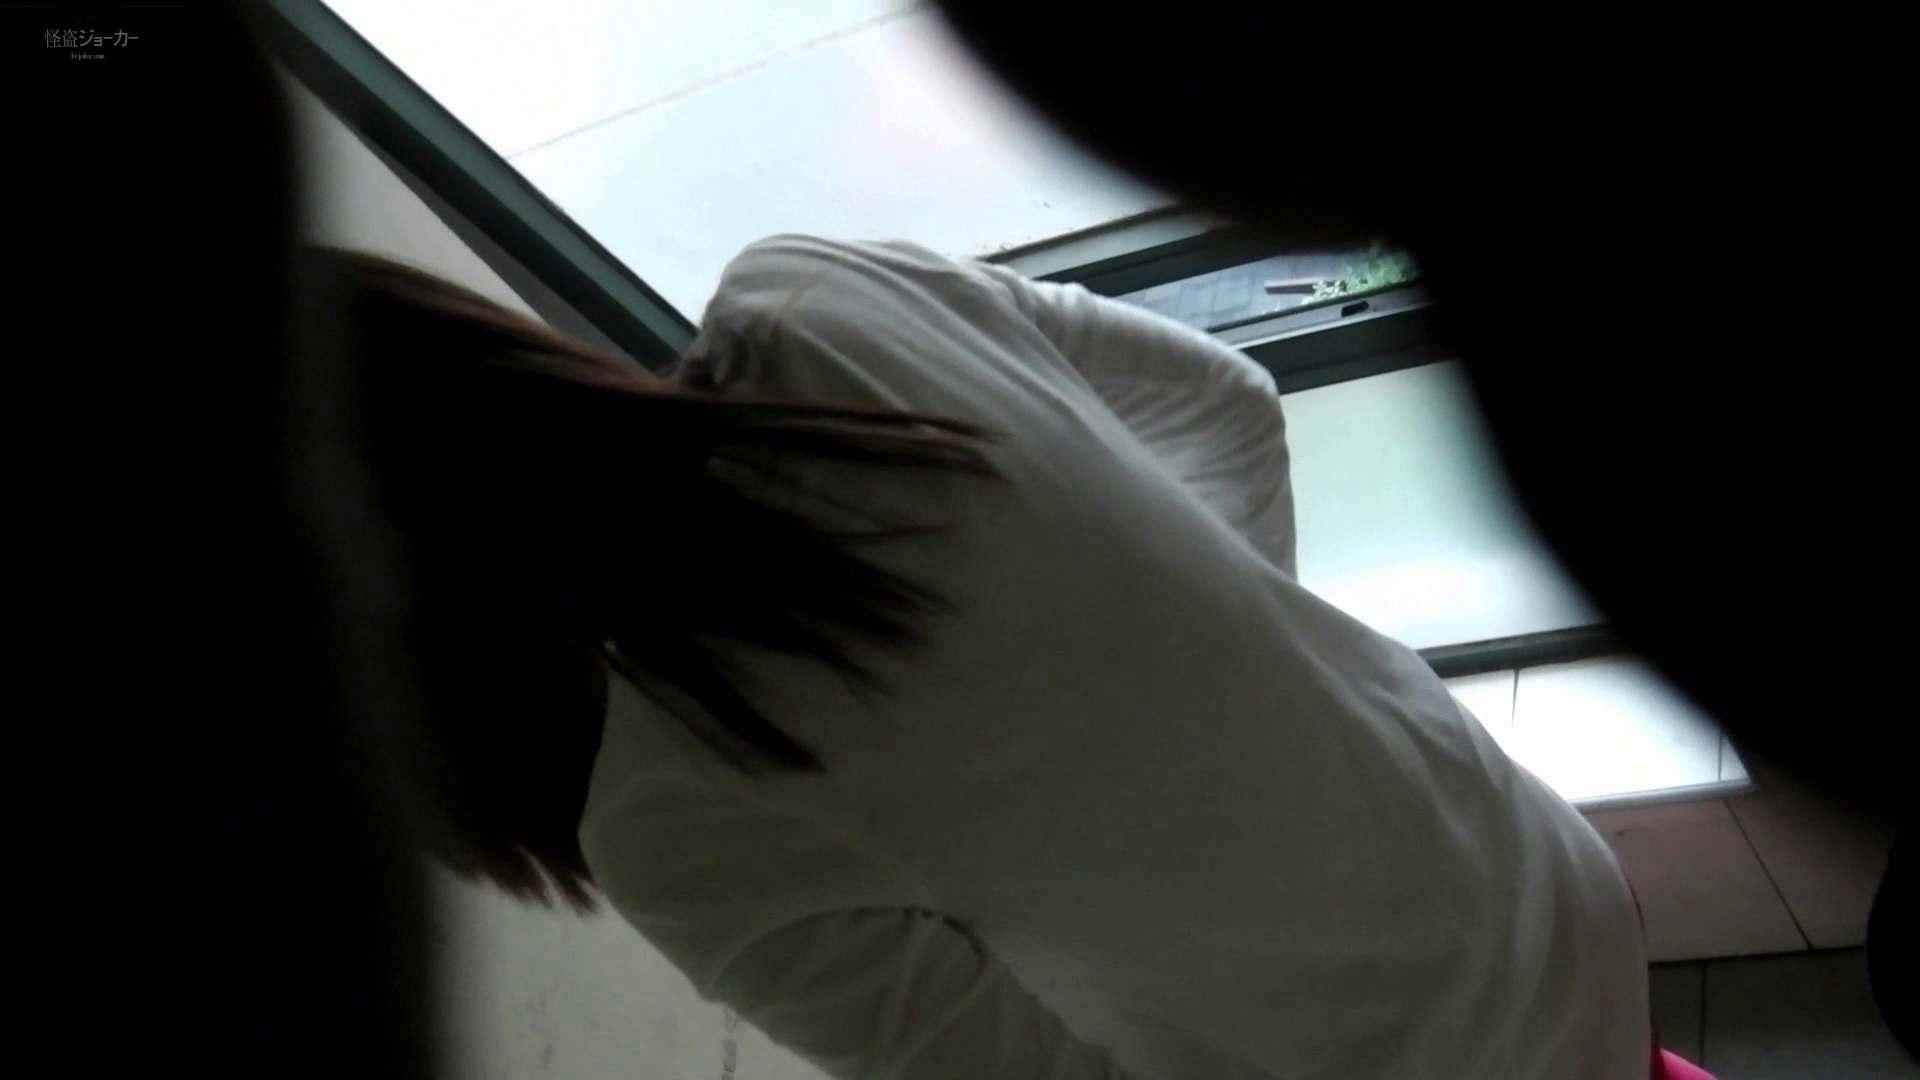 ステーション編 vol.25 必見桜庭みなみ?似 登場! 洗面所 AV無料動画キャプチャ 110画像 11